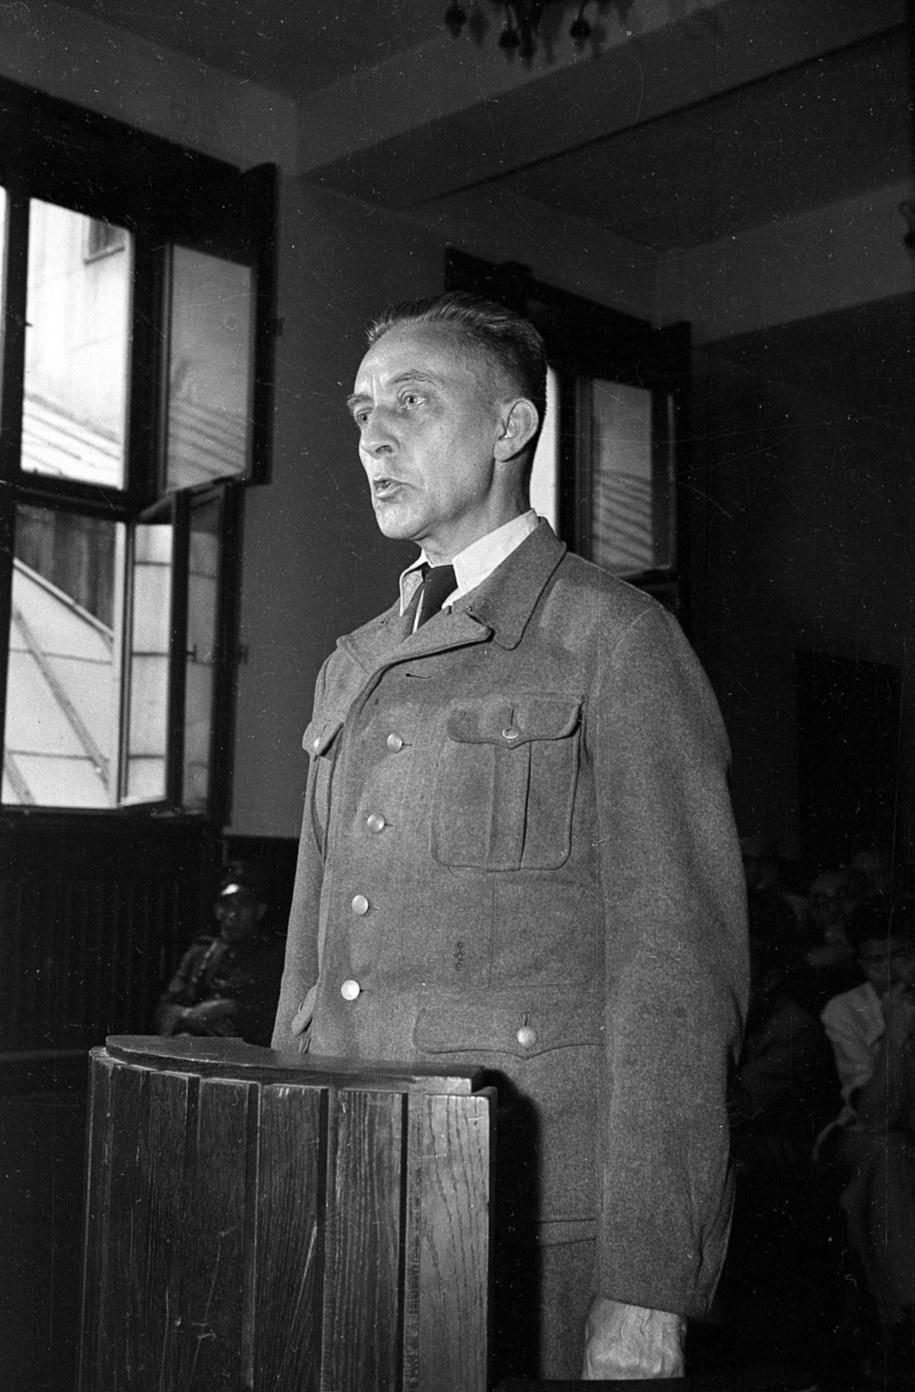 Zbrodniarz hitlerowski, likwidator warszawskiego getta, gen. SS Jürgen Stroop przed sądem /Stanisław Dąbrowiecki/CAF /PAP